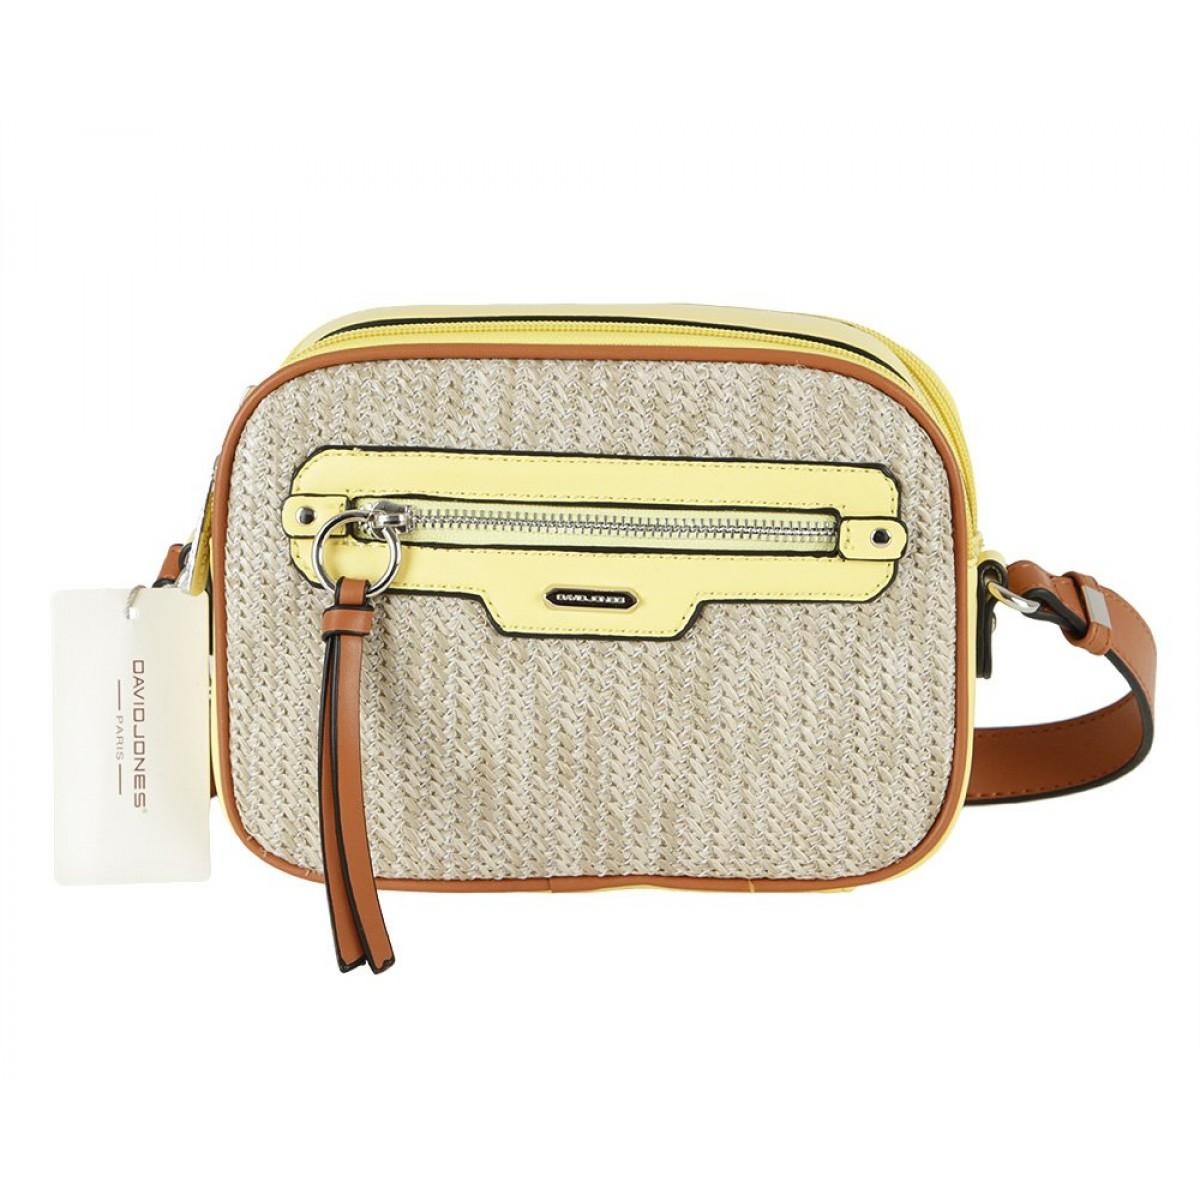 Жіноча сумка David Jones CM5756 FEINT YELLOW